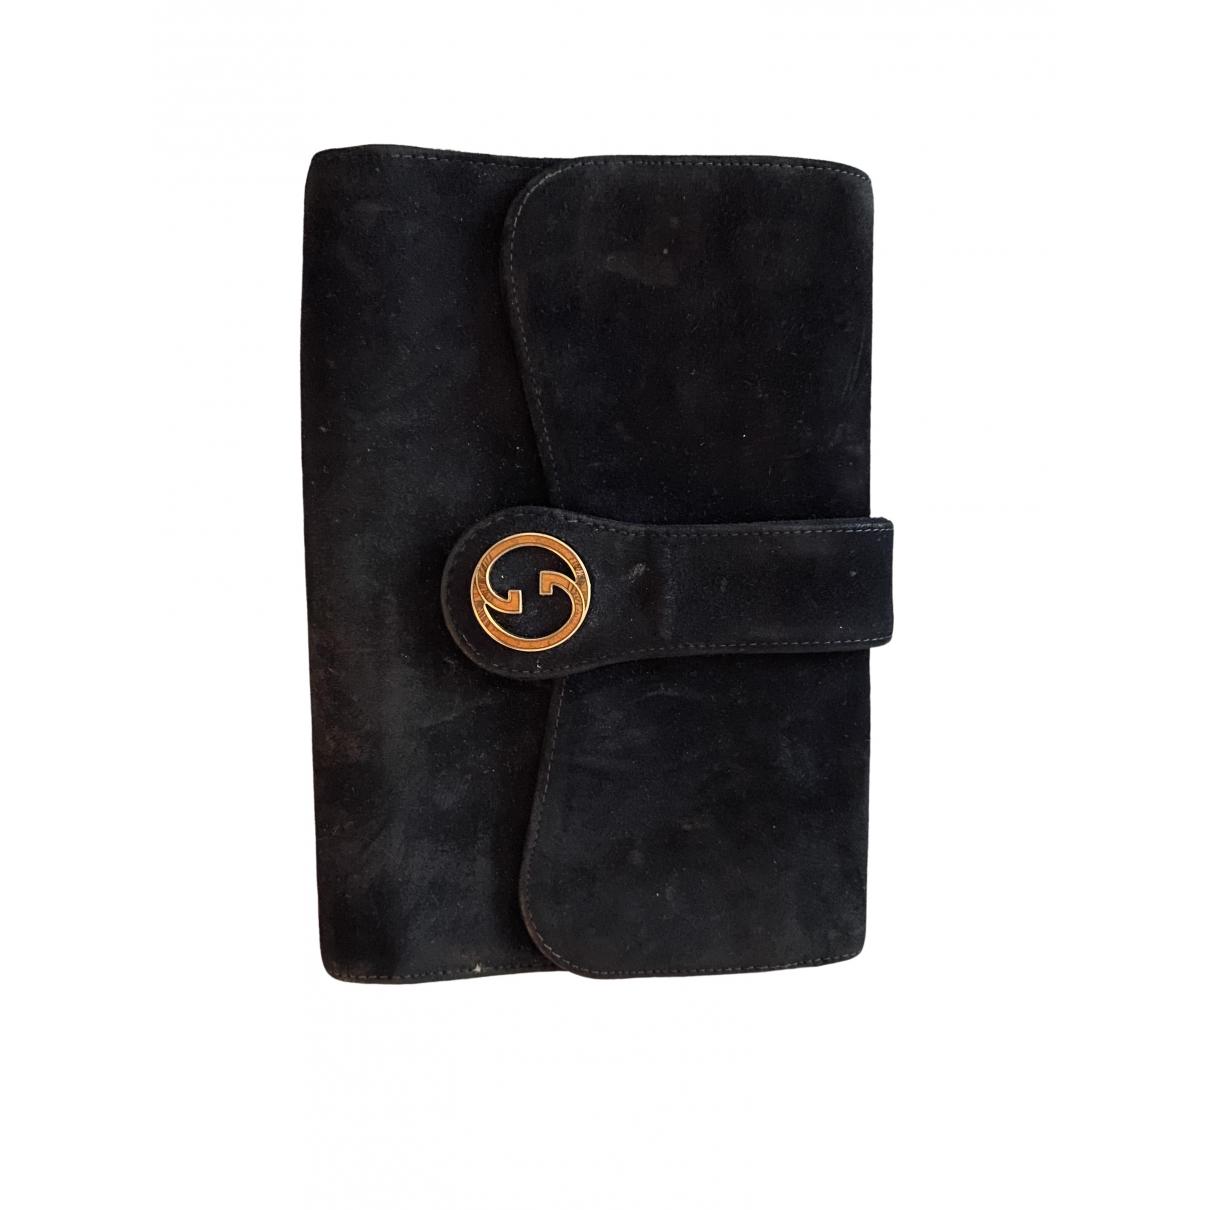 Bolsos clutch en Ante Negro Gucci